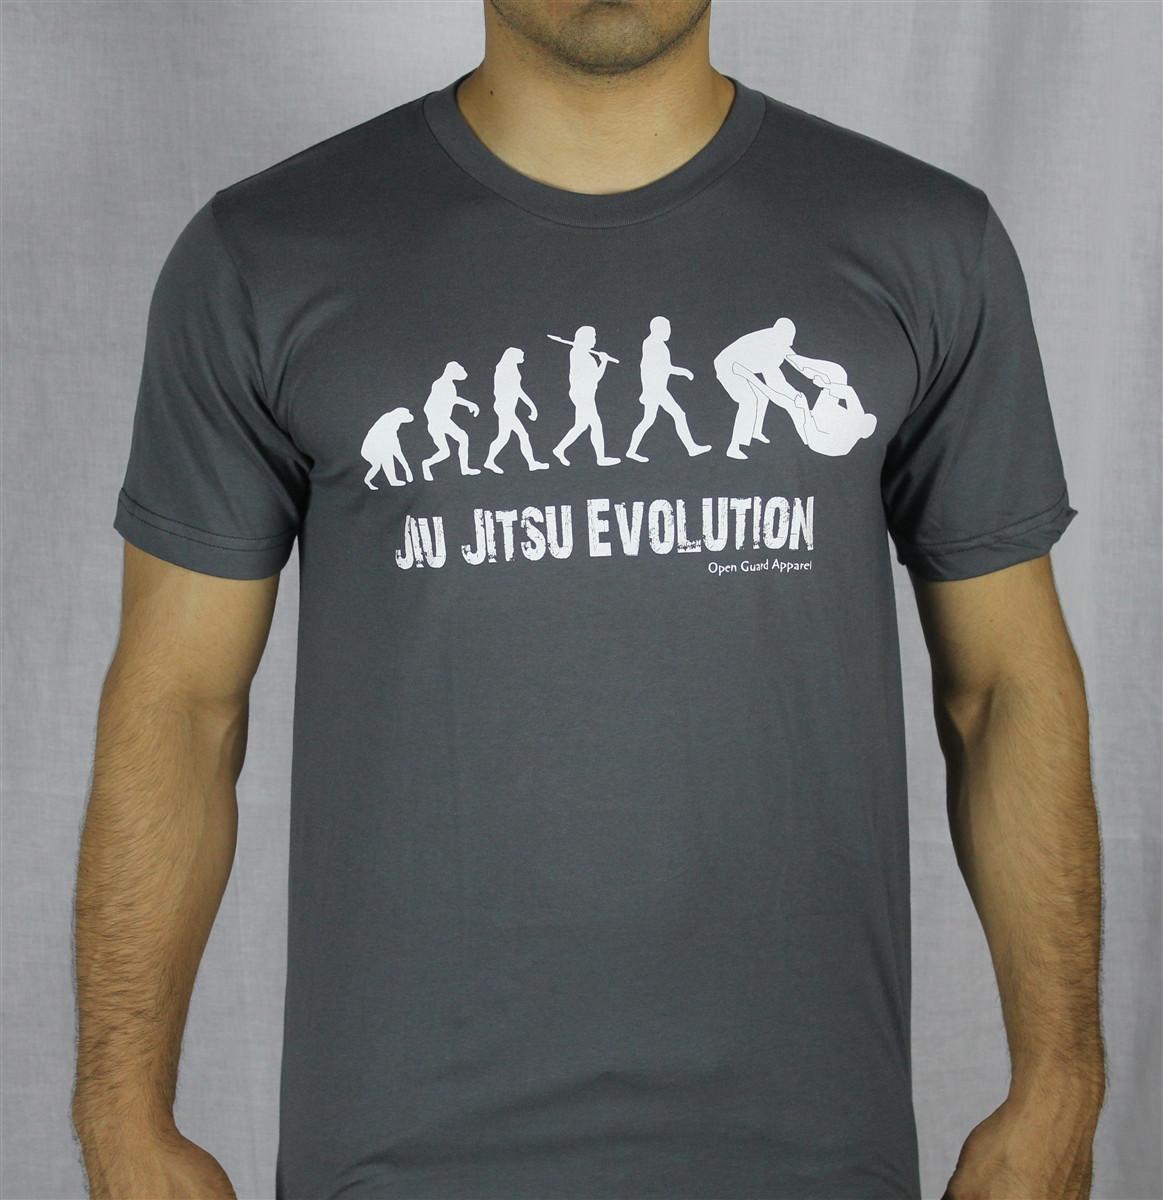 41774b73e Free Shipping from; OGA Jiu Jitsu Evolution Brazilian Jiu JItsu T-Shirt in  Grey.